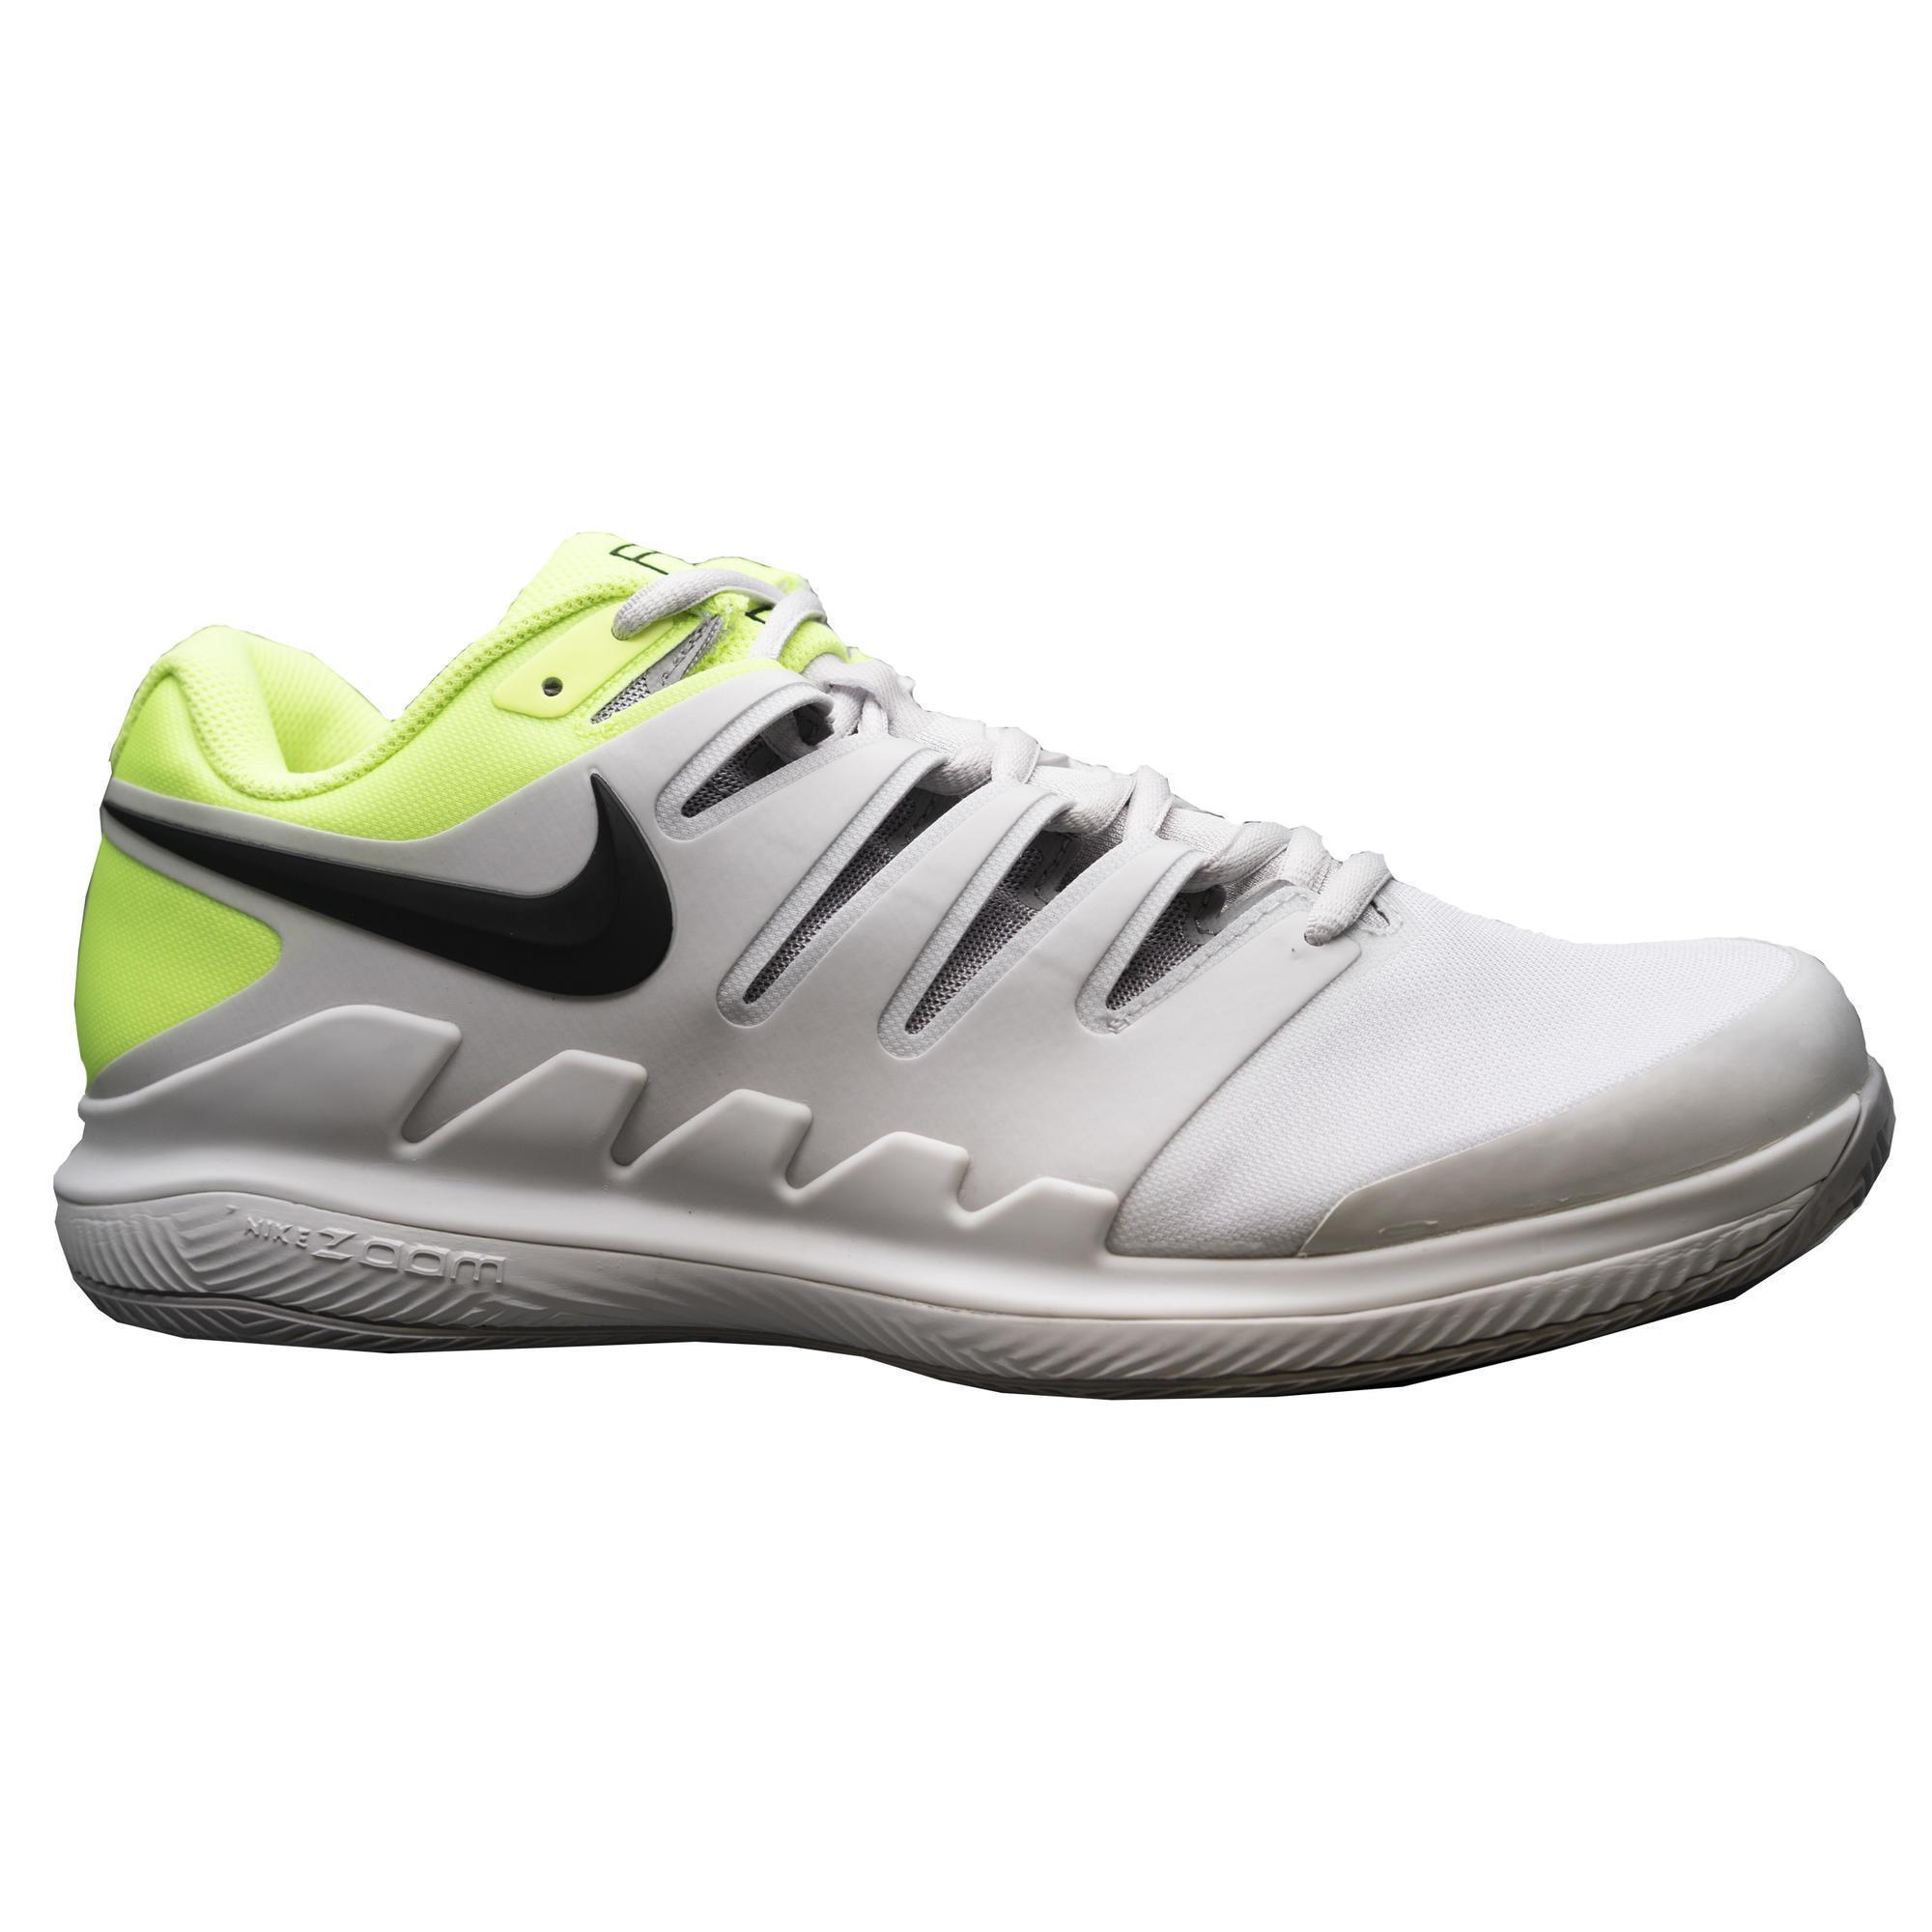 new style 5a357 2ae73 ZAPATILLAS DE TENIS HOMBRE ZOOM VAPOR 10 TIERRA BATIDA GRIS Nike   Decathlon